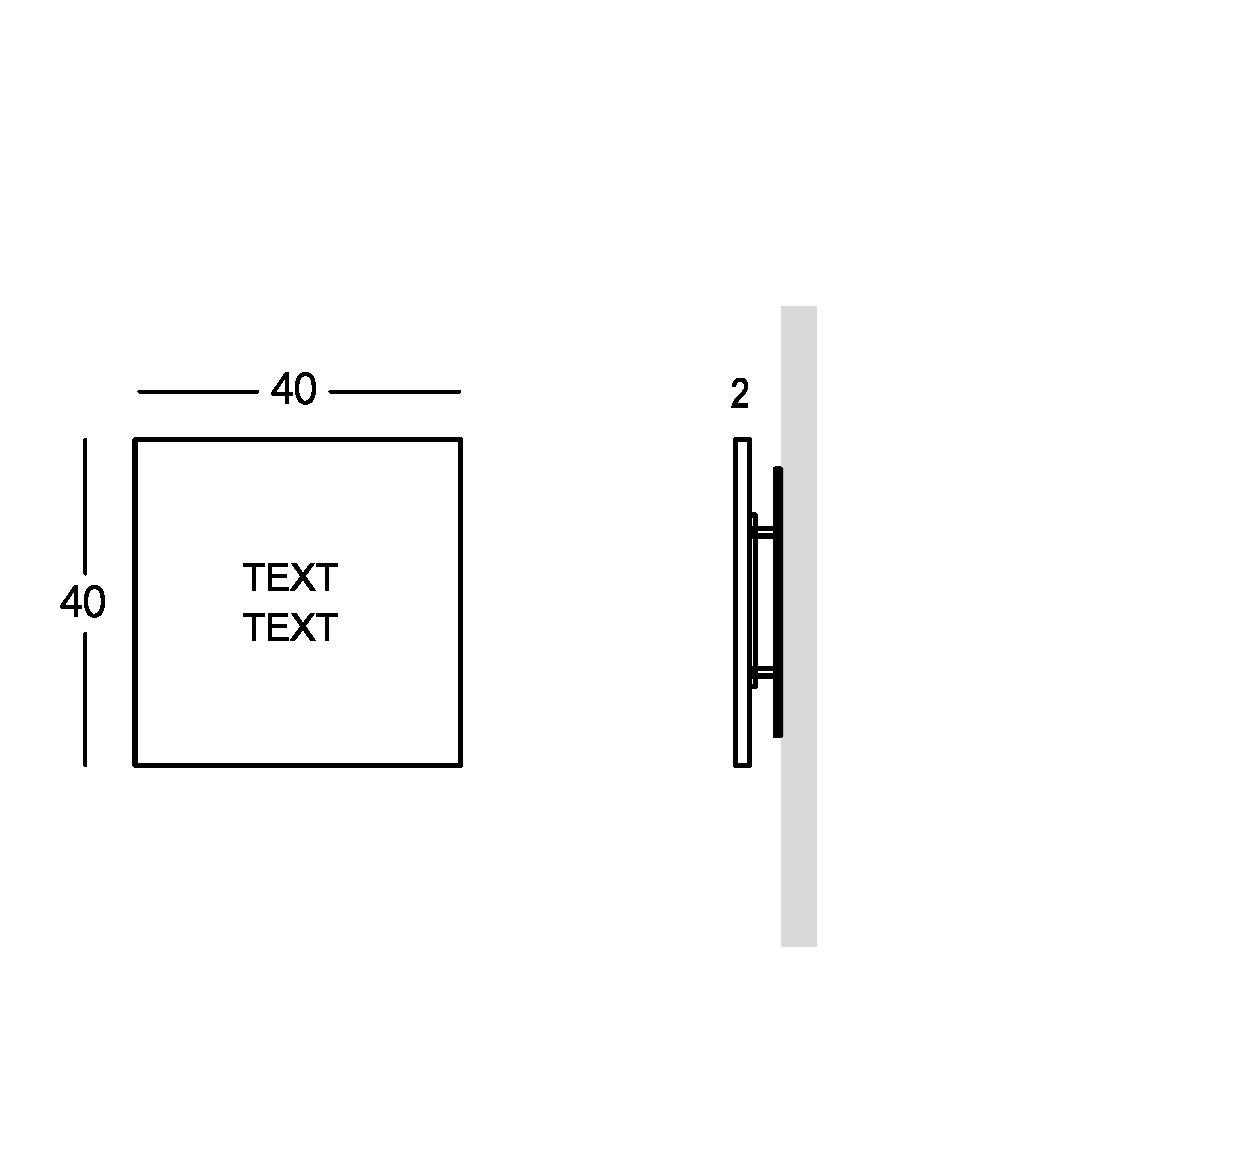 Señalización en plexiglas con letras grabadas. Versión pequeña.